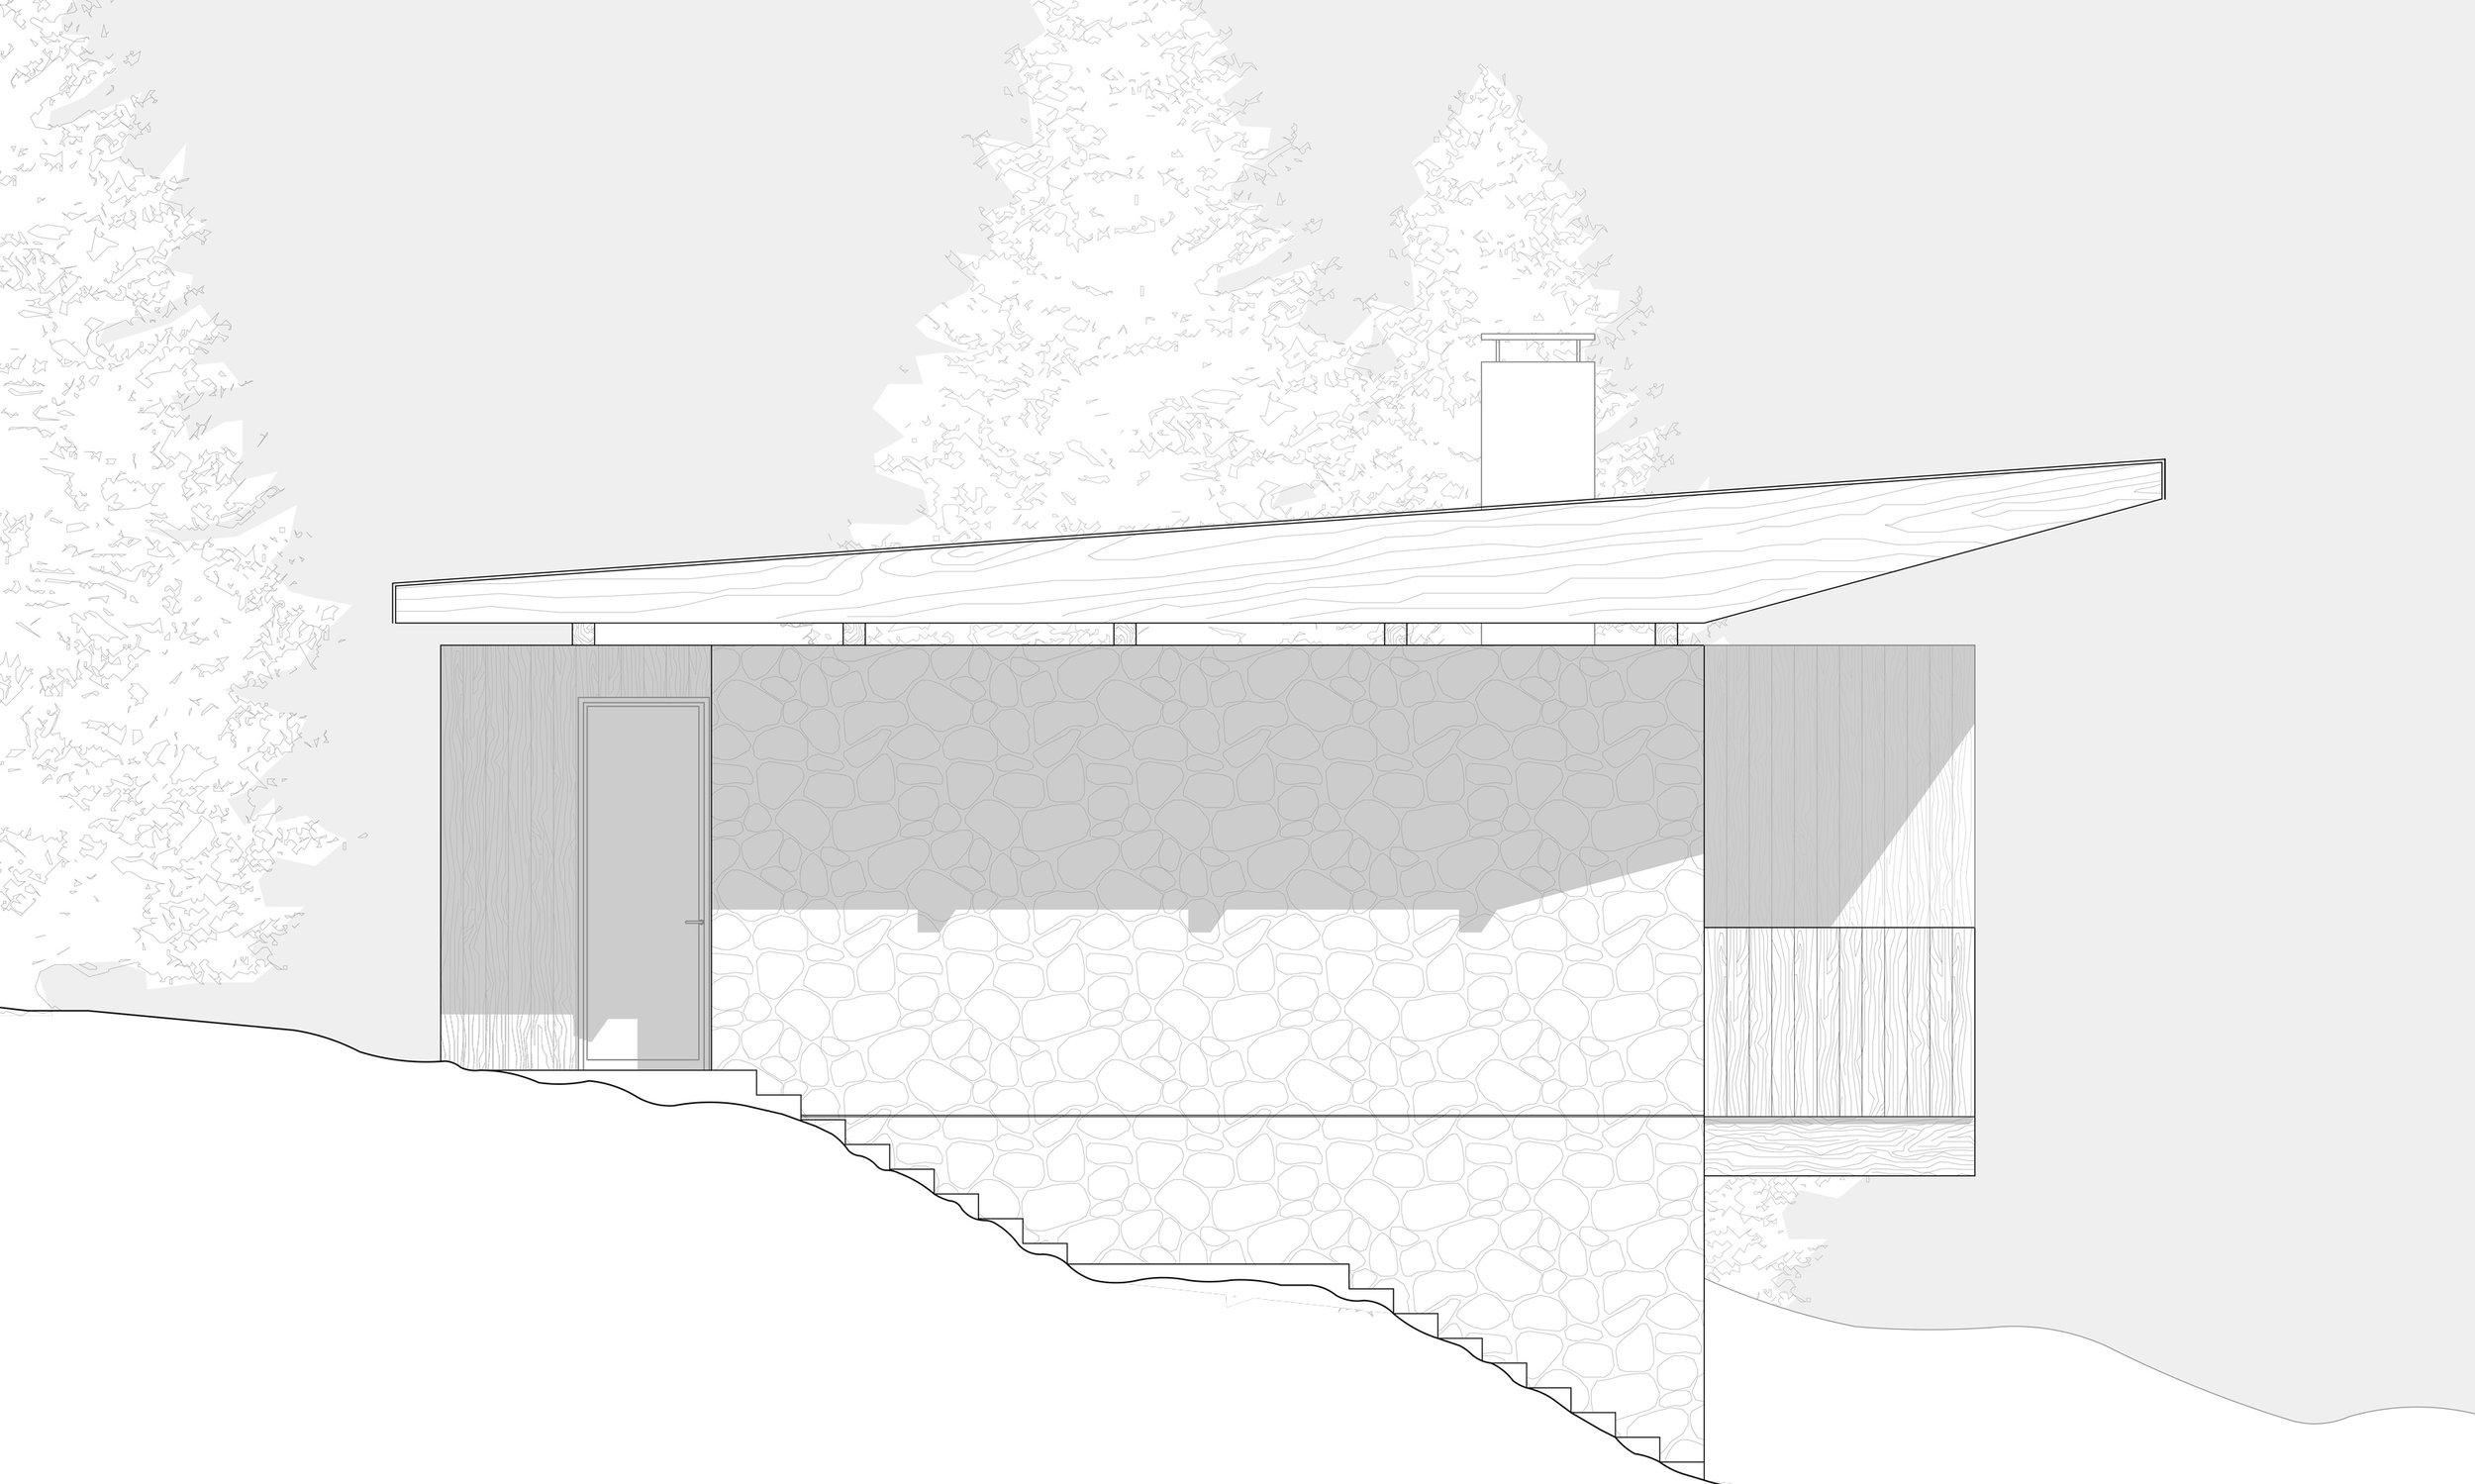 cortina-casa-montagna-interior-design-legno-pietra-prospetto1.jpg